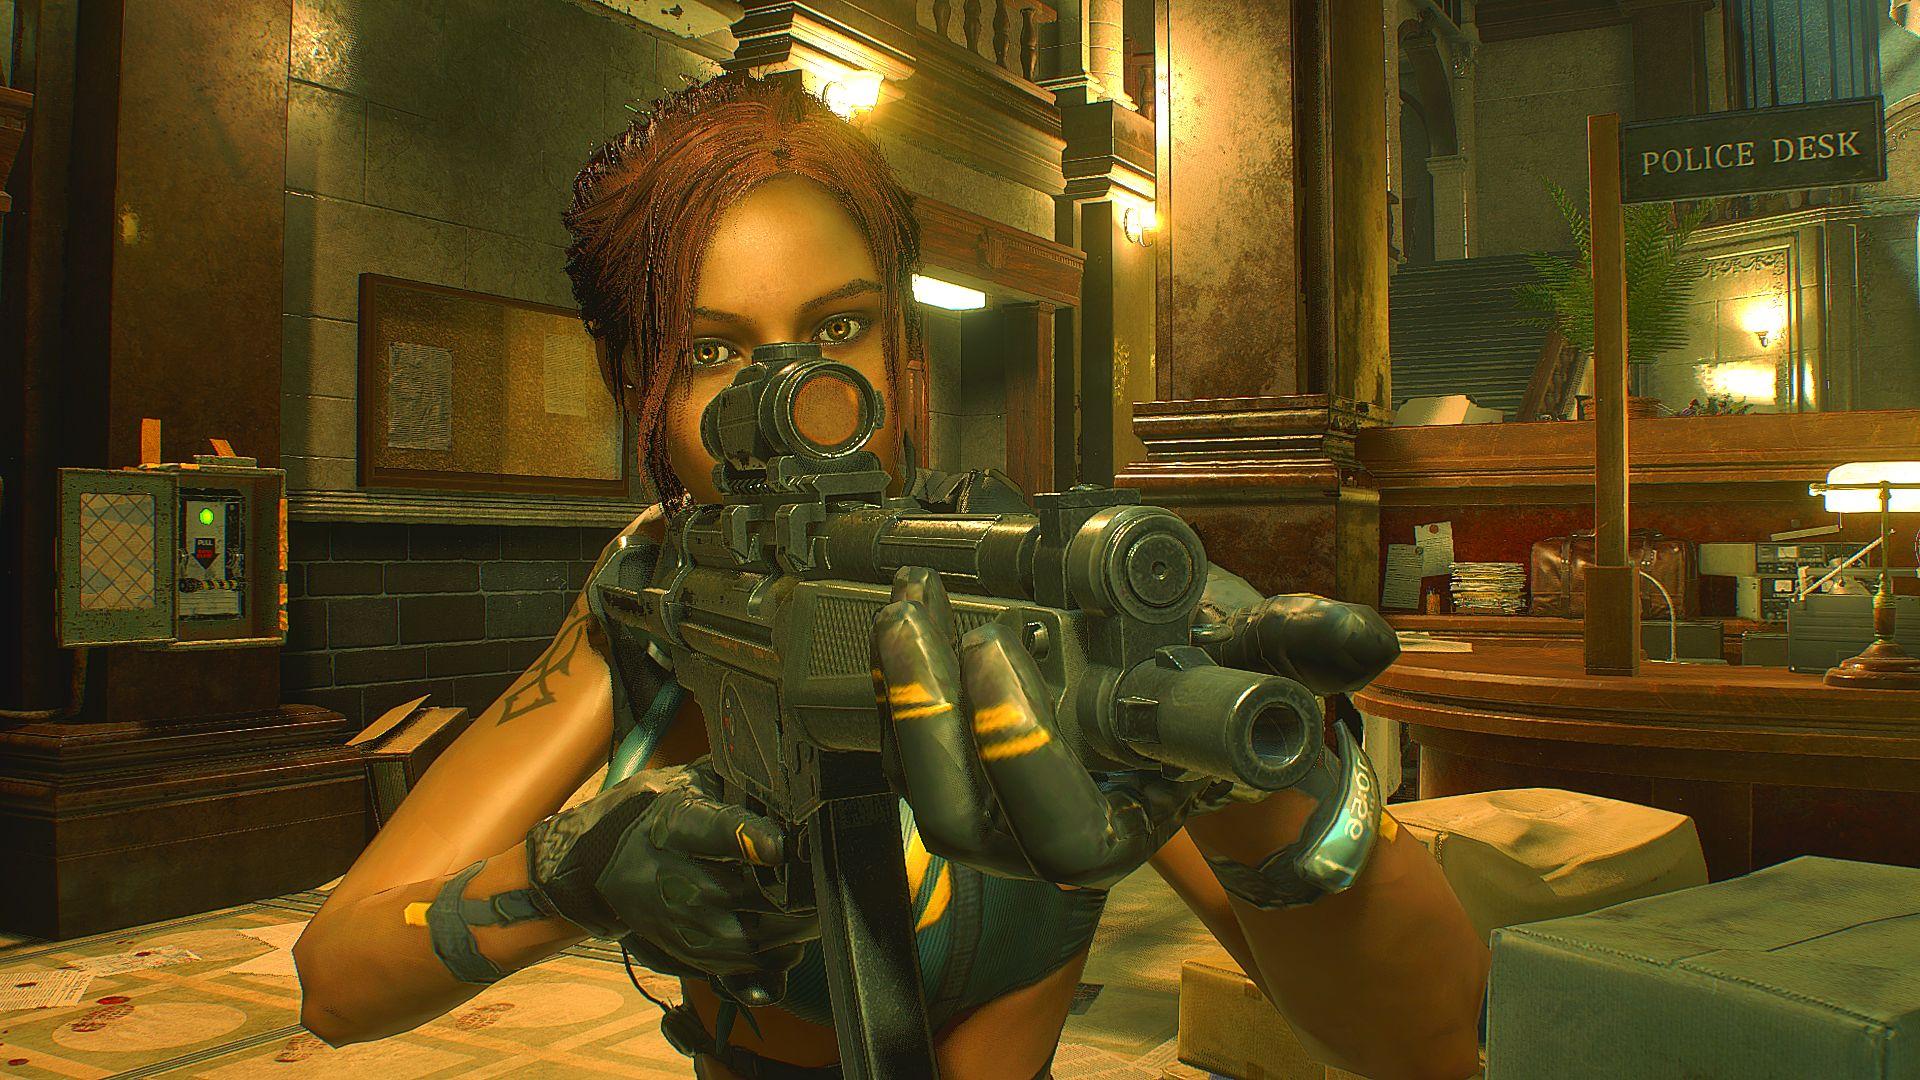 000168.Jpg - Resident Evil 2